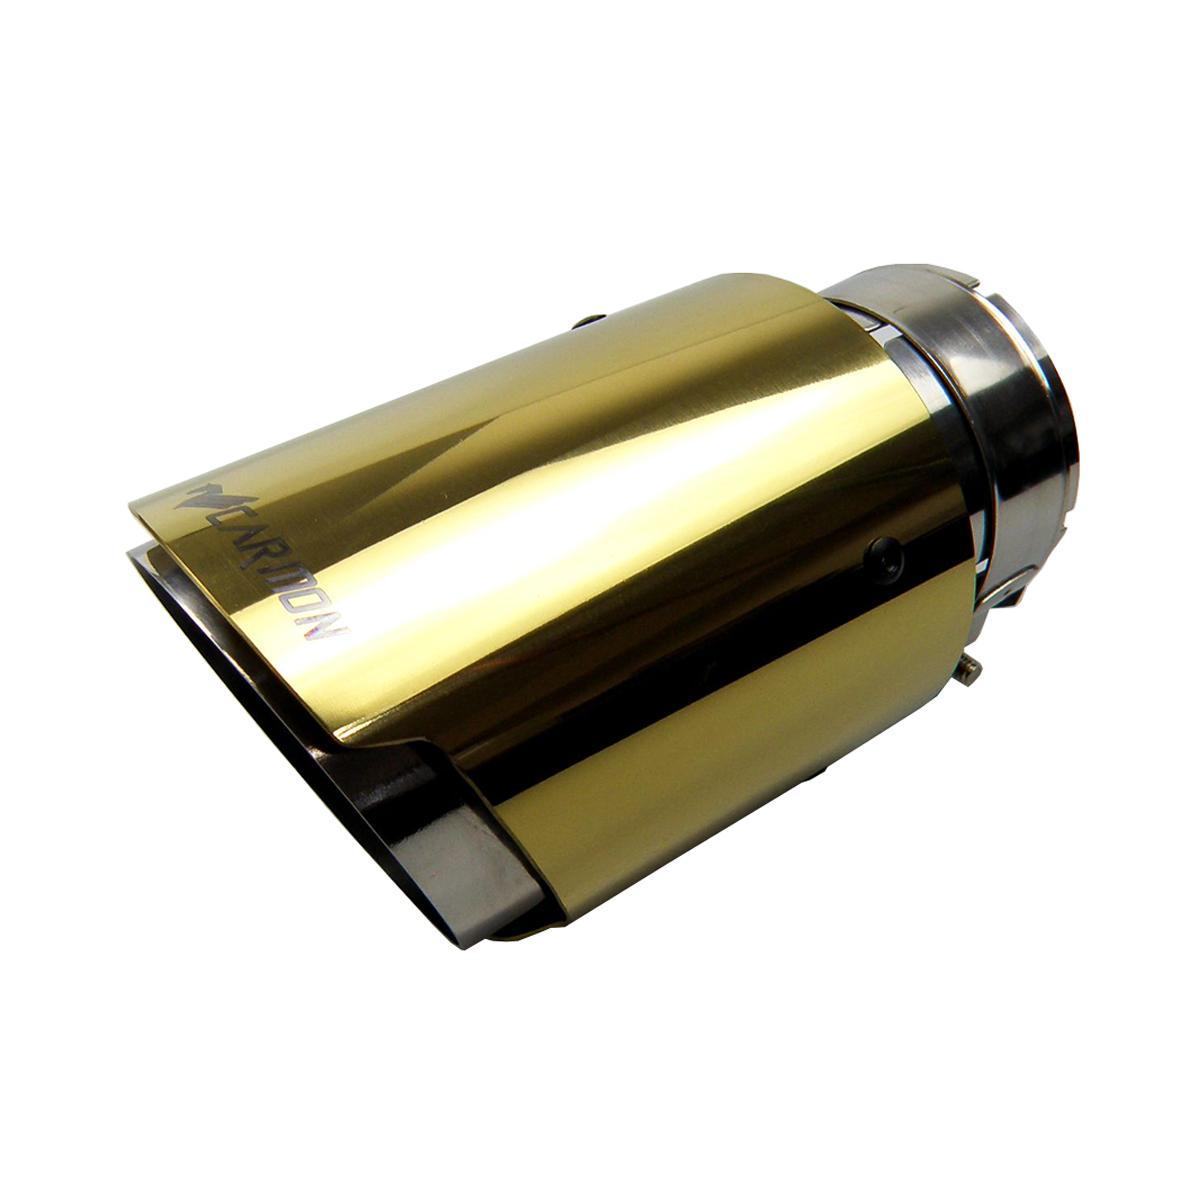 Kipalm سيارة عالمية Akrapovic نوع الذهبي الفولاذ المقاوم للصدأ الطرف العادم نهاية الأنابيب لمرسيدس بنز بي ام دبليو أودي VW جولف تويوتا هوندا أجزاء